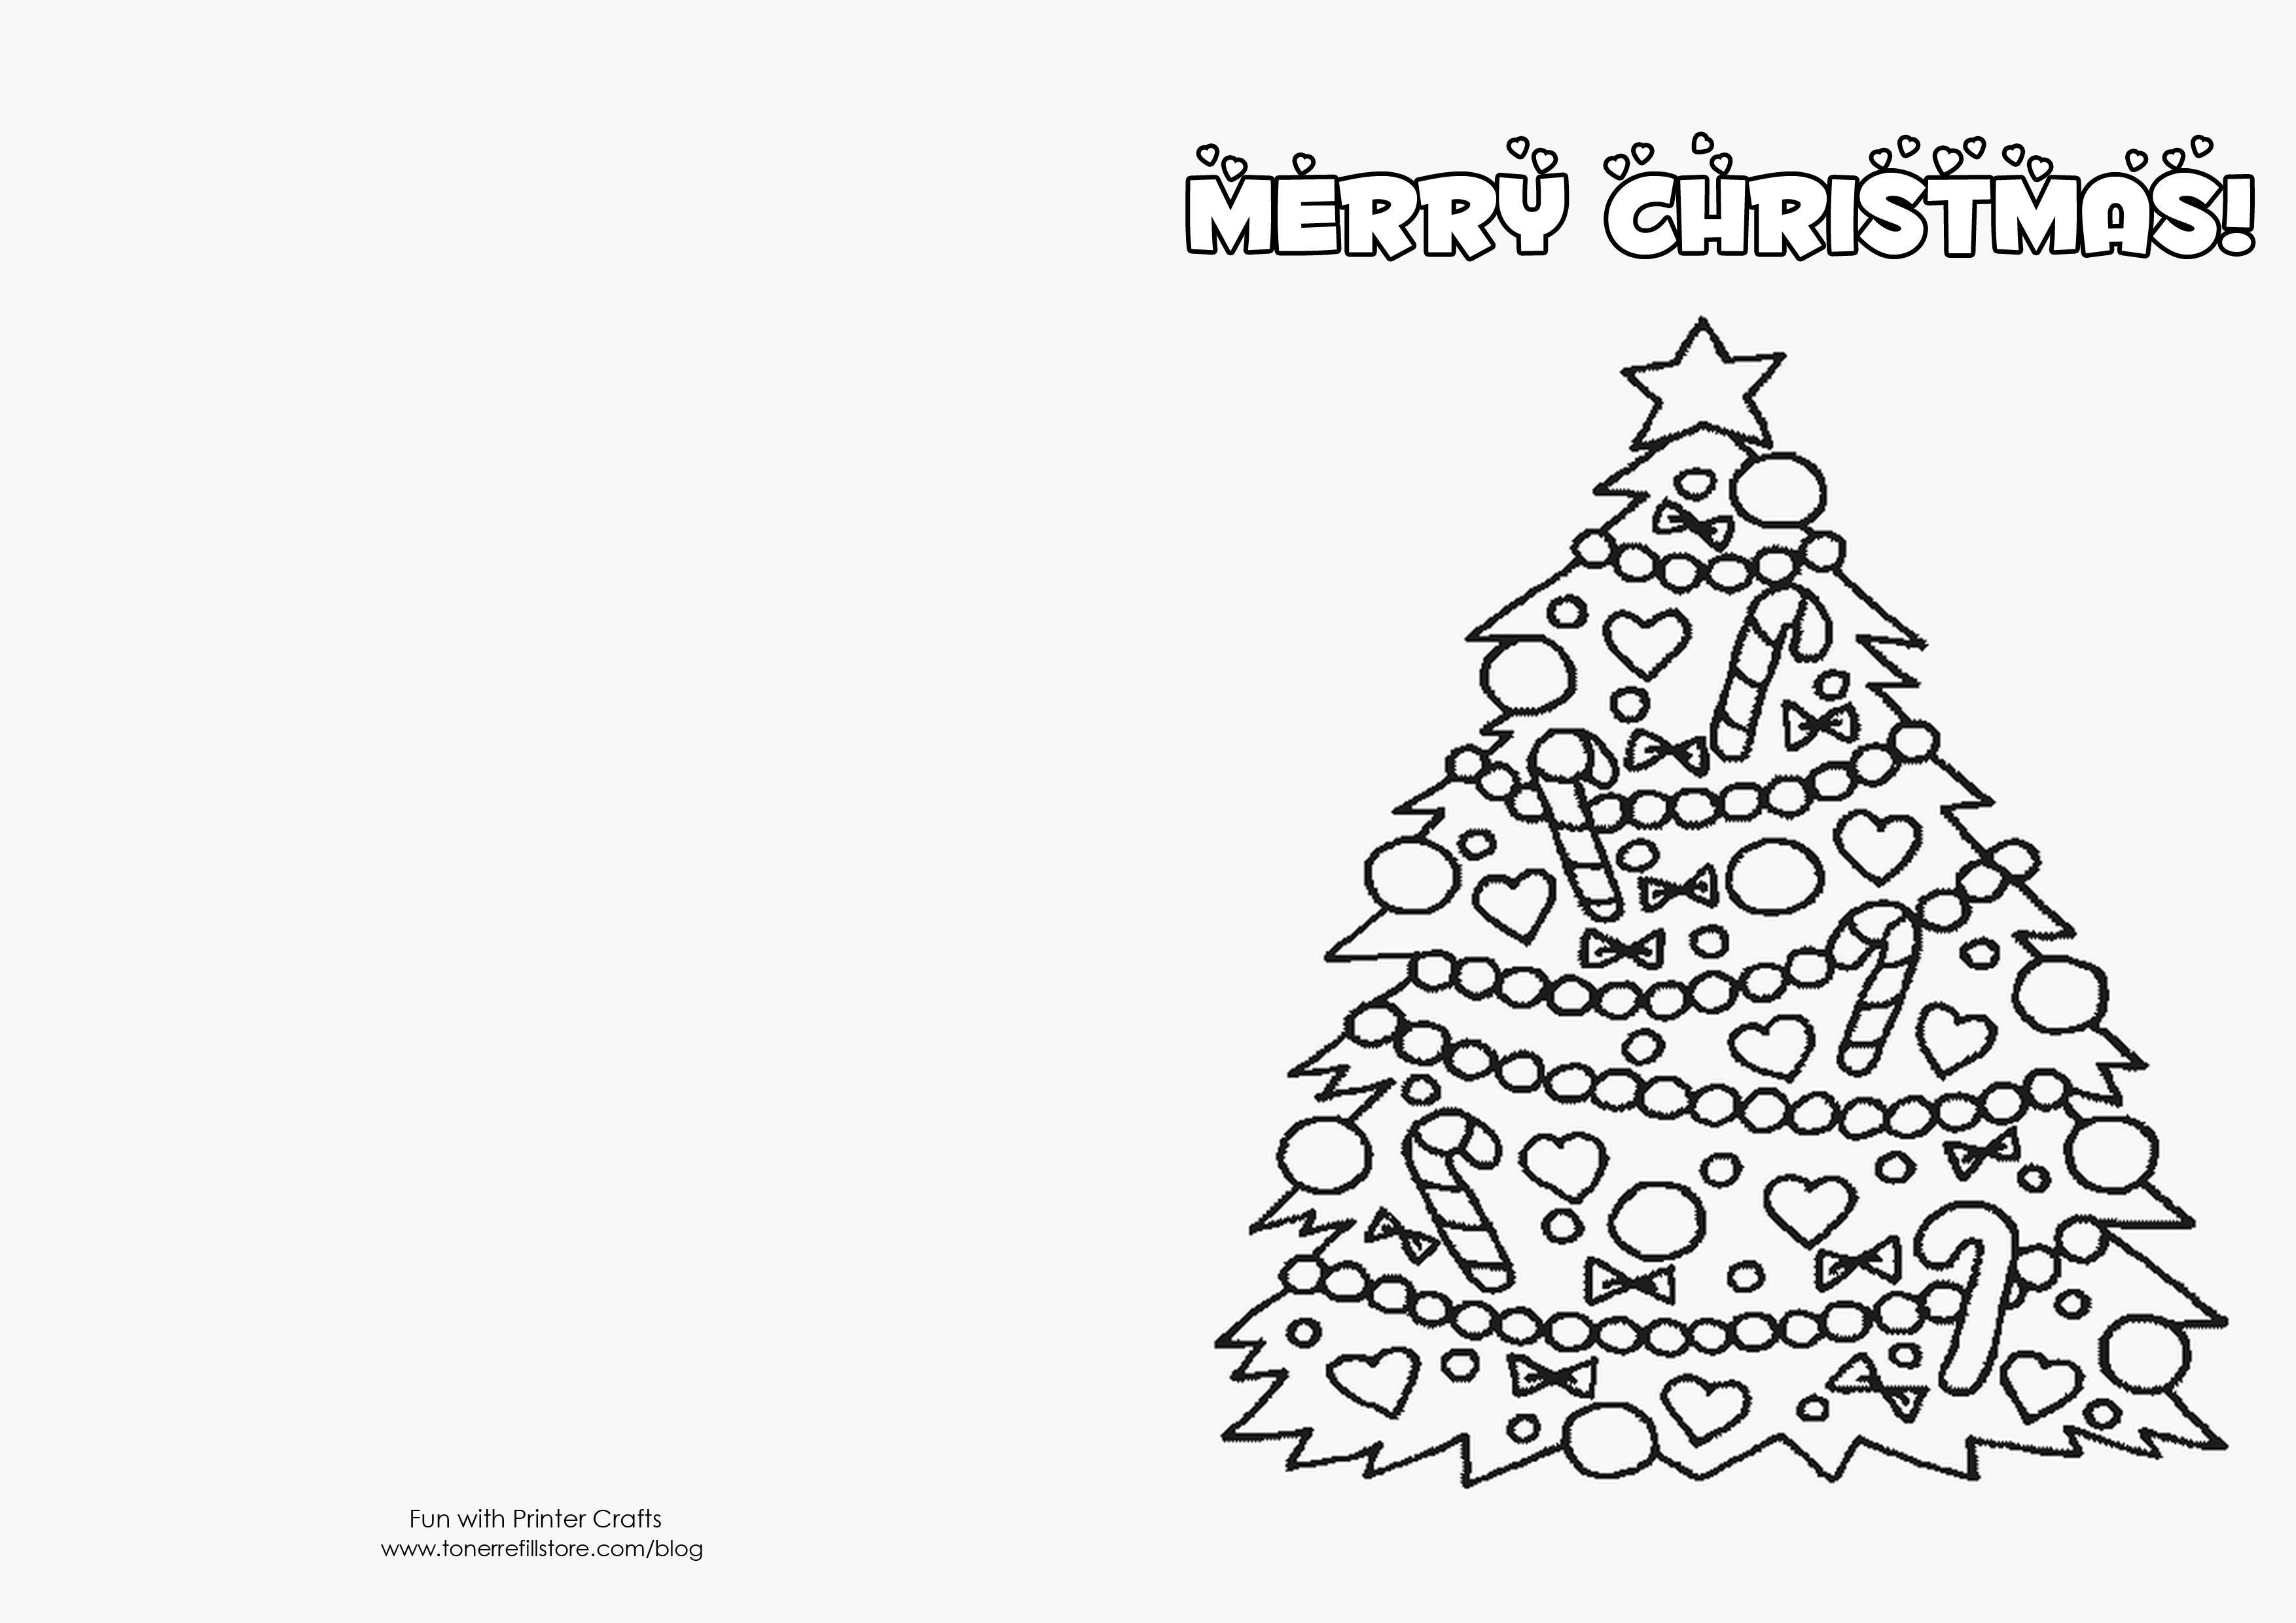 Free Printable Christmas Cards. Christmas Cards Online Free - Free Printable Xmas Cards Online